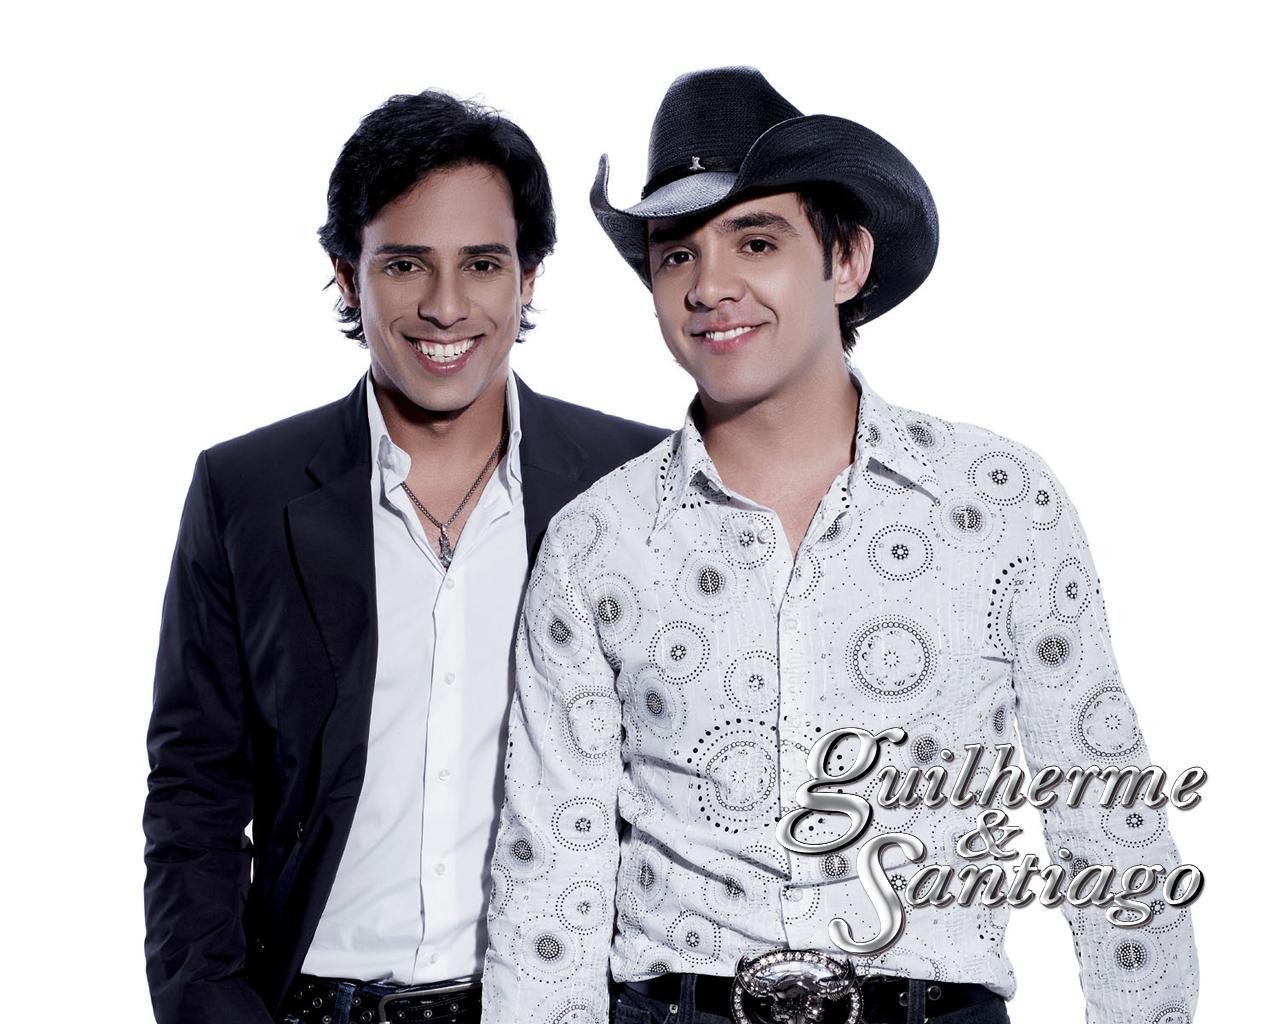 GRATUITO DO ELETRICO - SANTIAGO DVD DOWNLOAD E GUILHERME